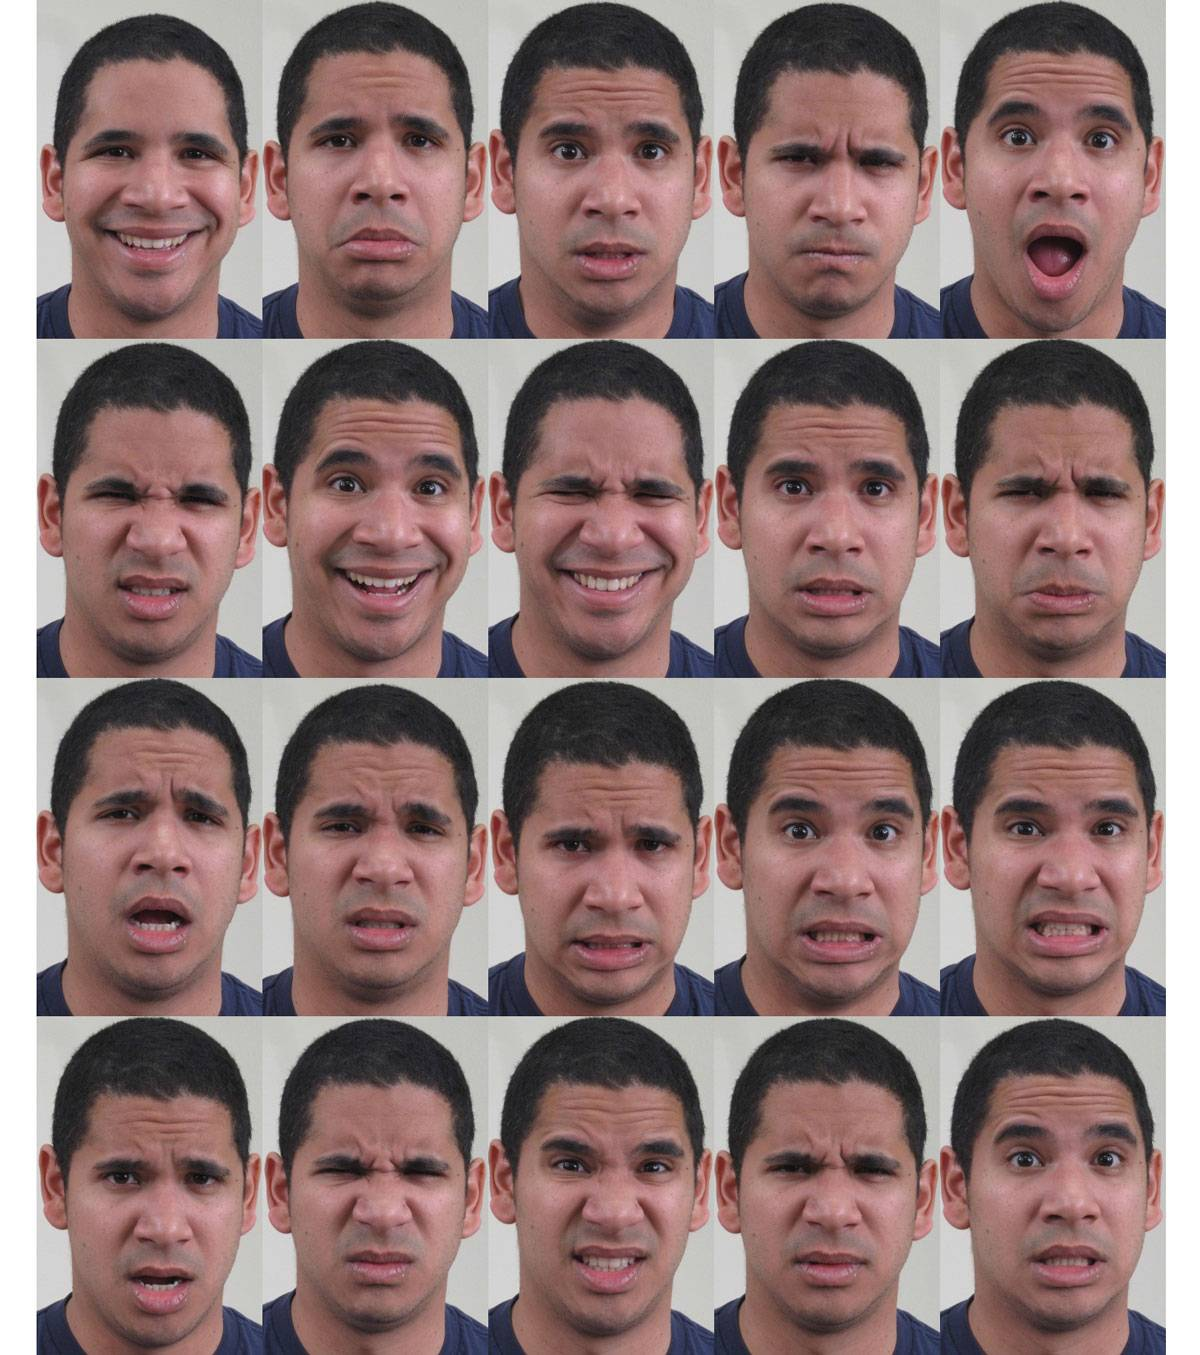 Las expresiones faciales humanas pueden reflejar más emociones de lo que se pensaba. / Aleix Martínez